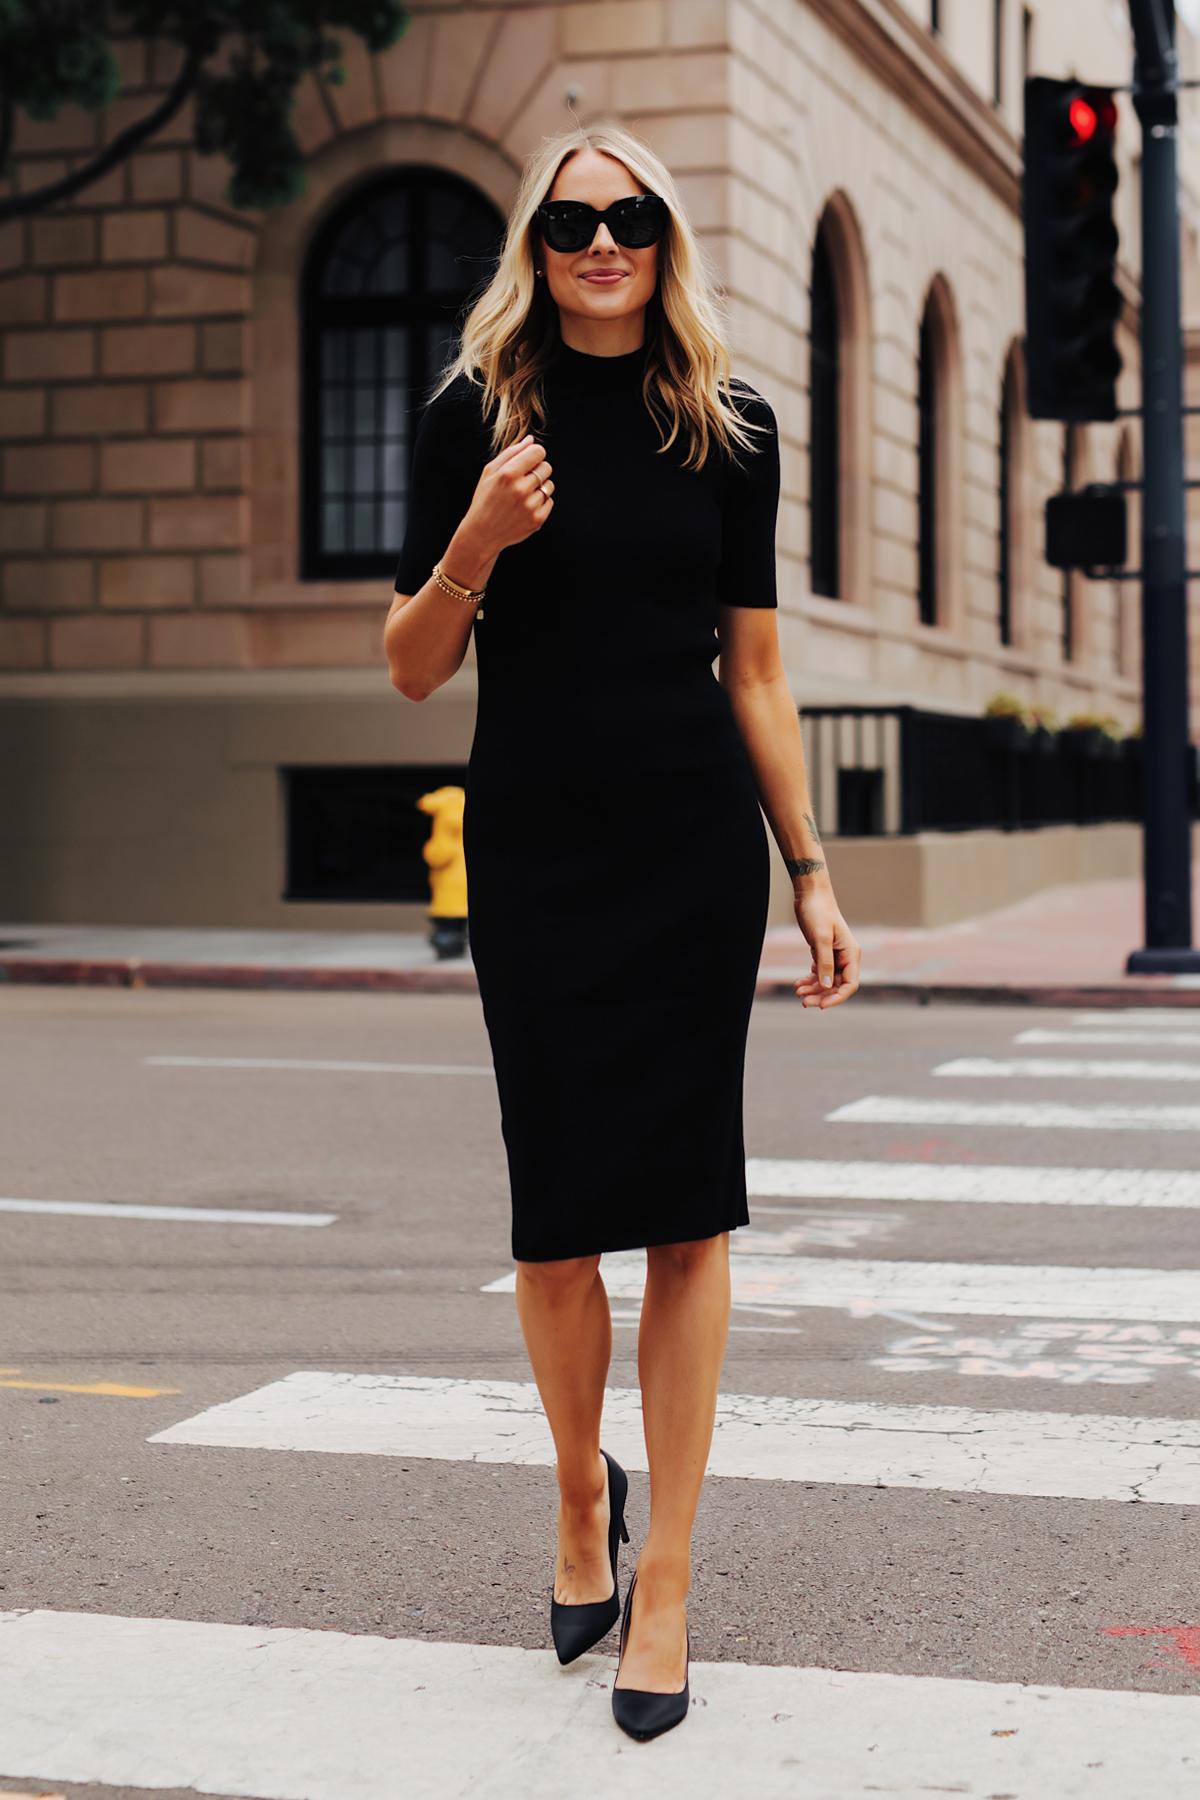 đầm body màu đen cổ lọ giày cao gót đen